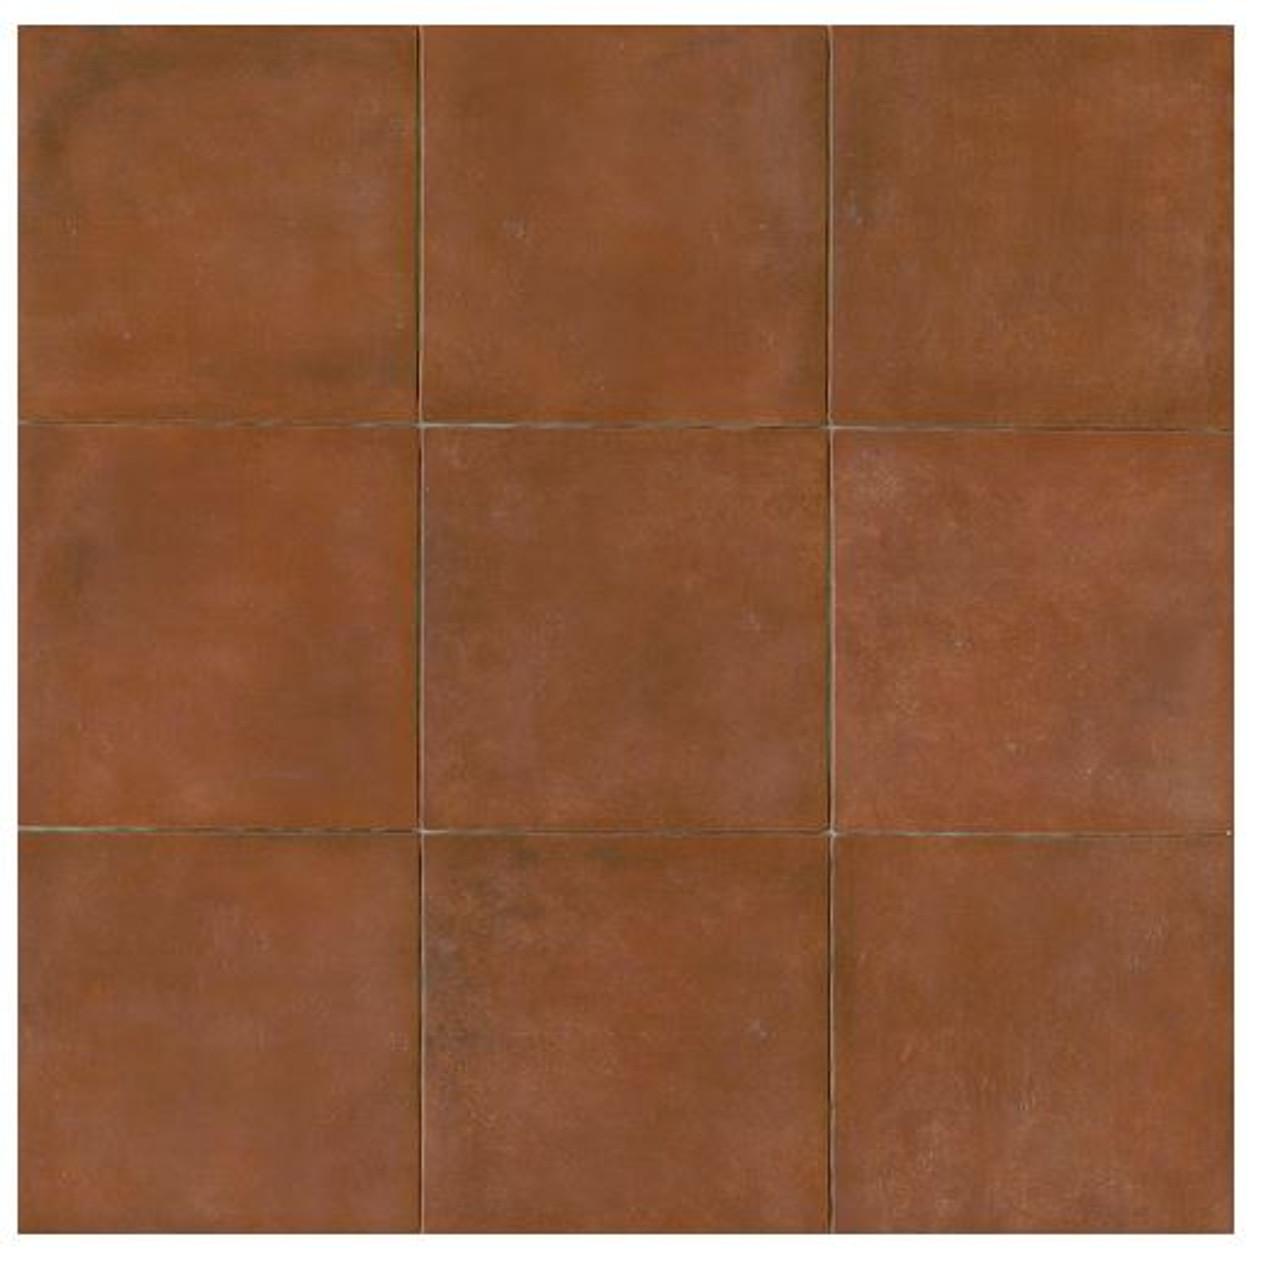 Terra Cotta Porcelain Tile 14x14 Matte Finish Cotto Field